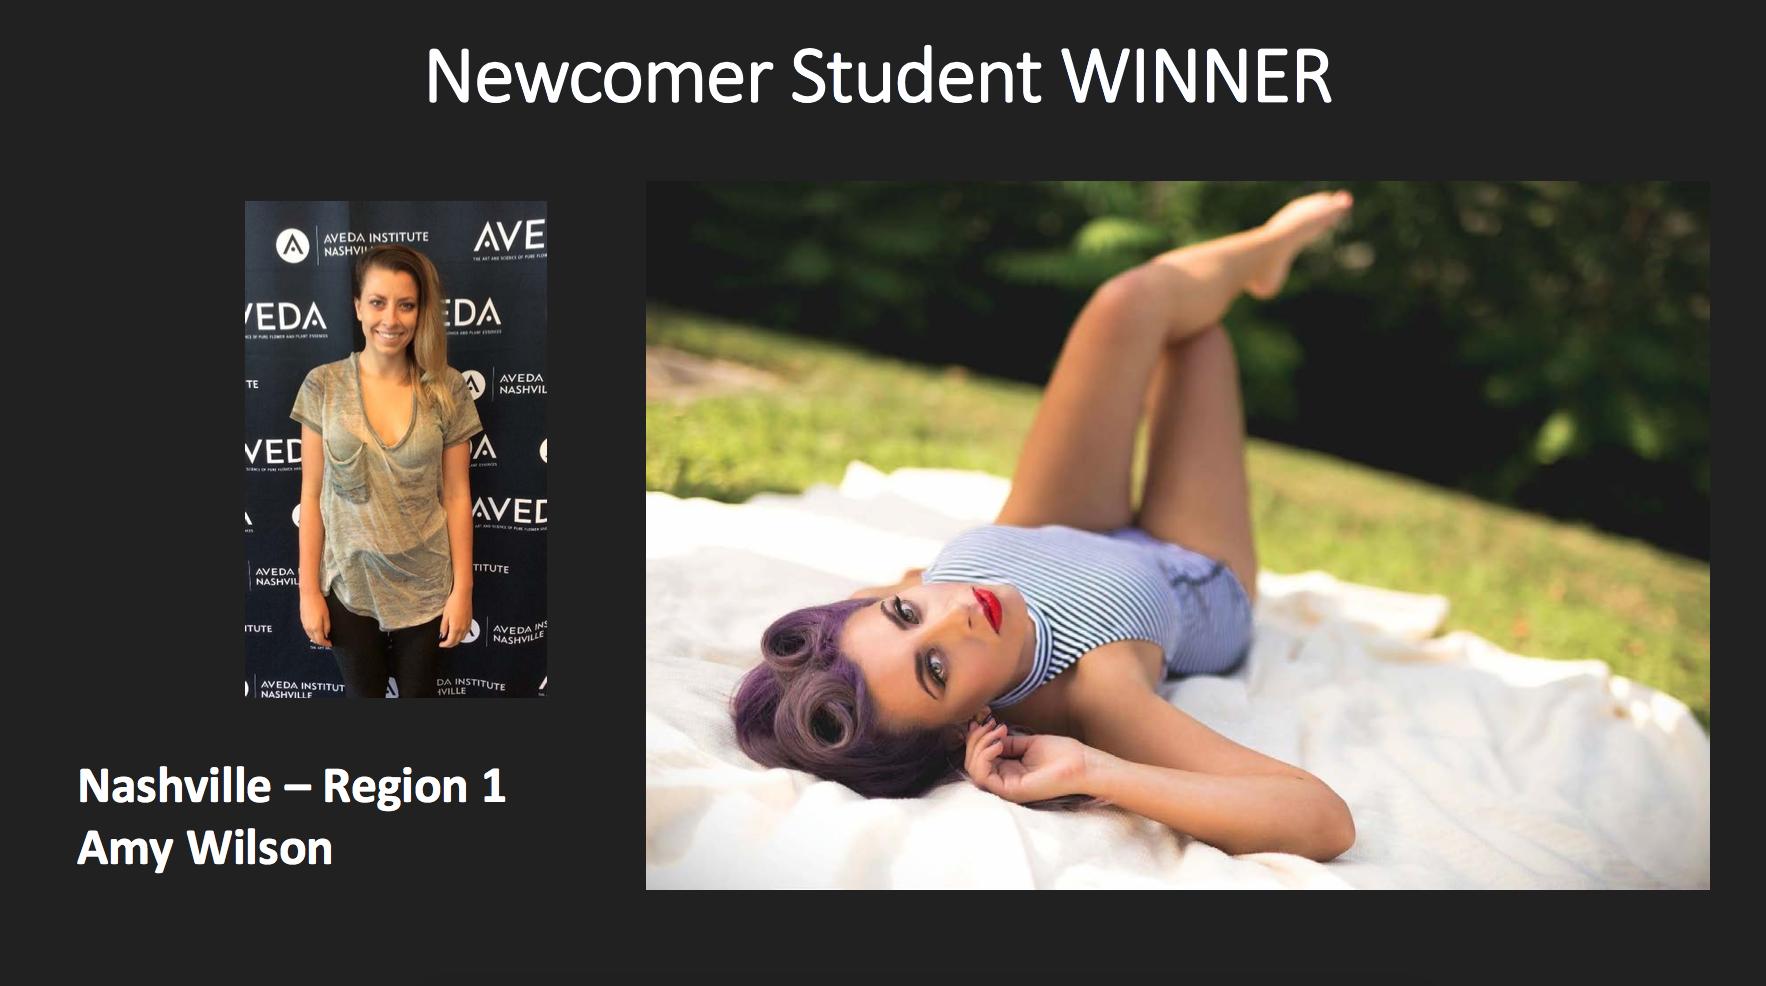 naha-nashville-winner